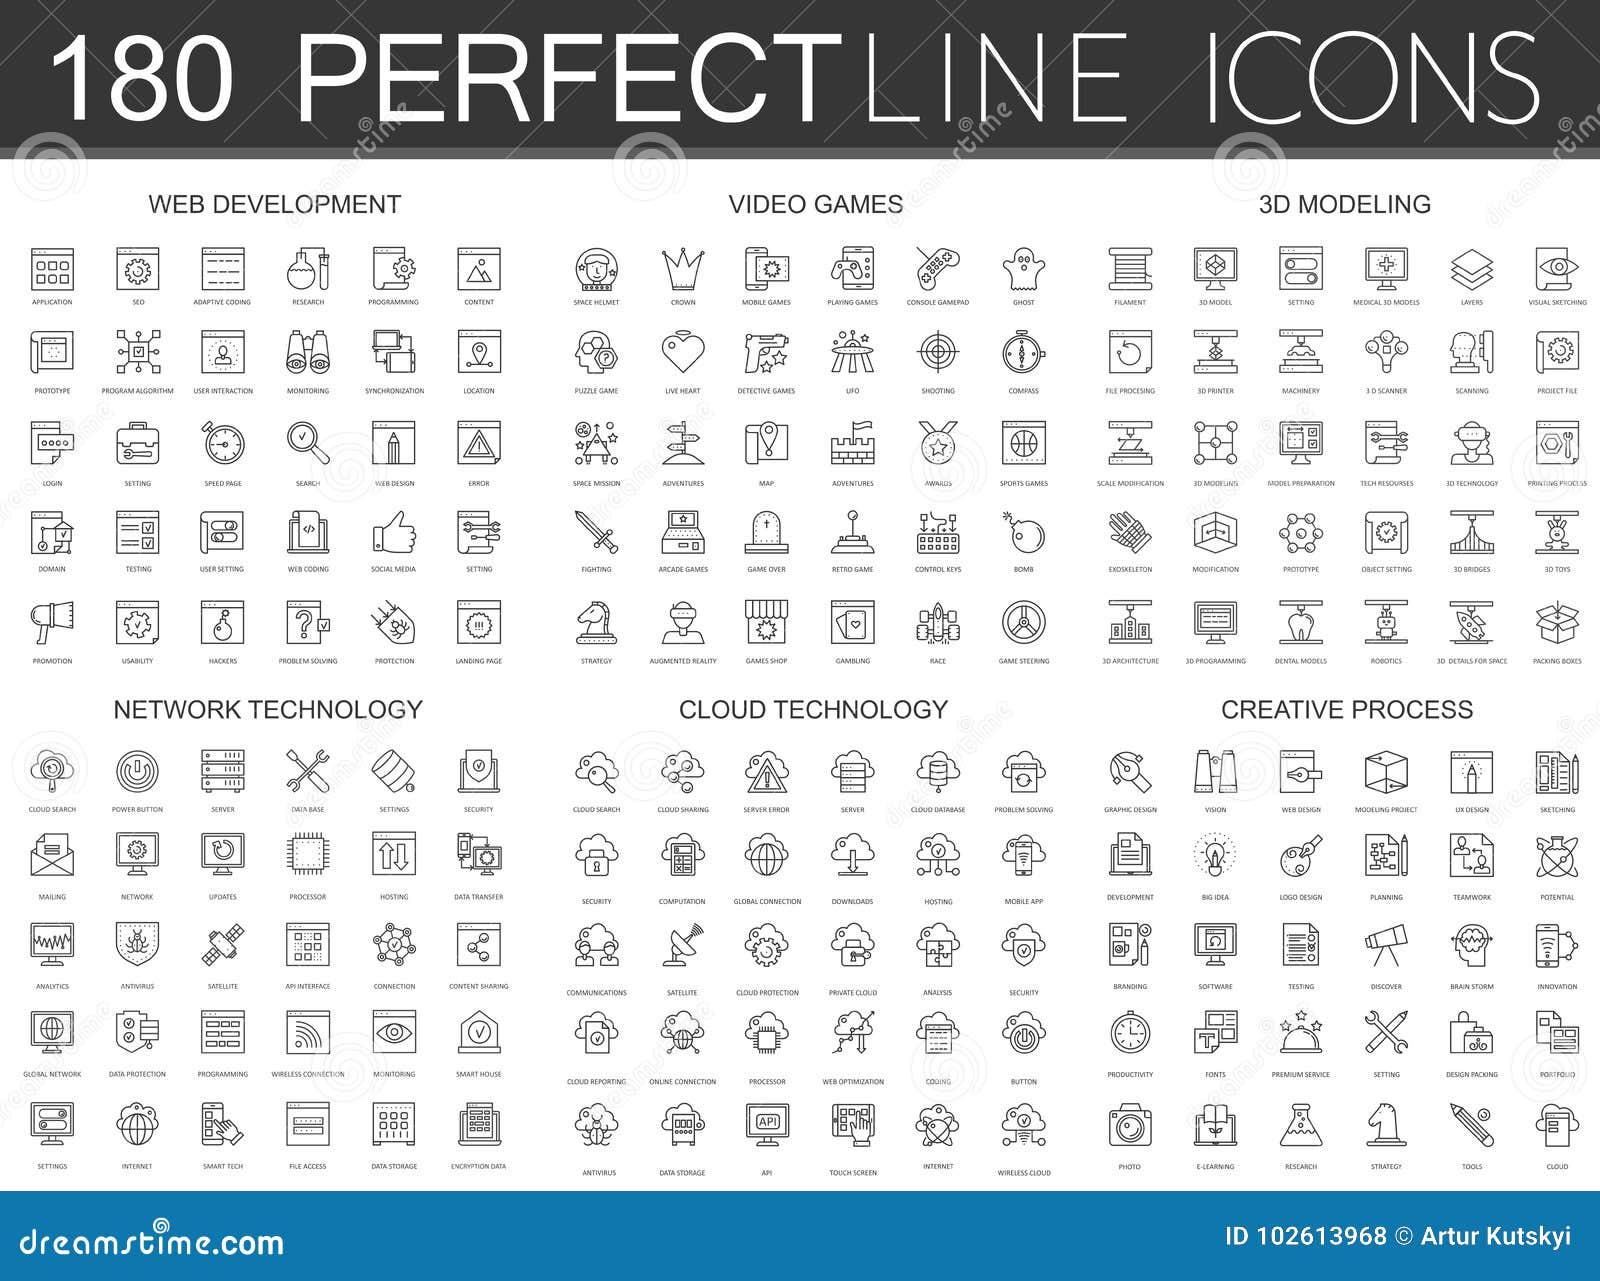 180 modern tunn linje symbolsuppsättning av rengöringsdukutveckling, videospel, 3d som modellerar, nätverksteknologi, molndatatek